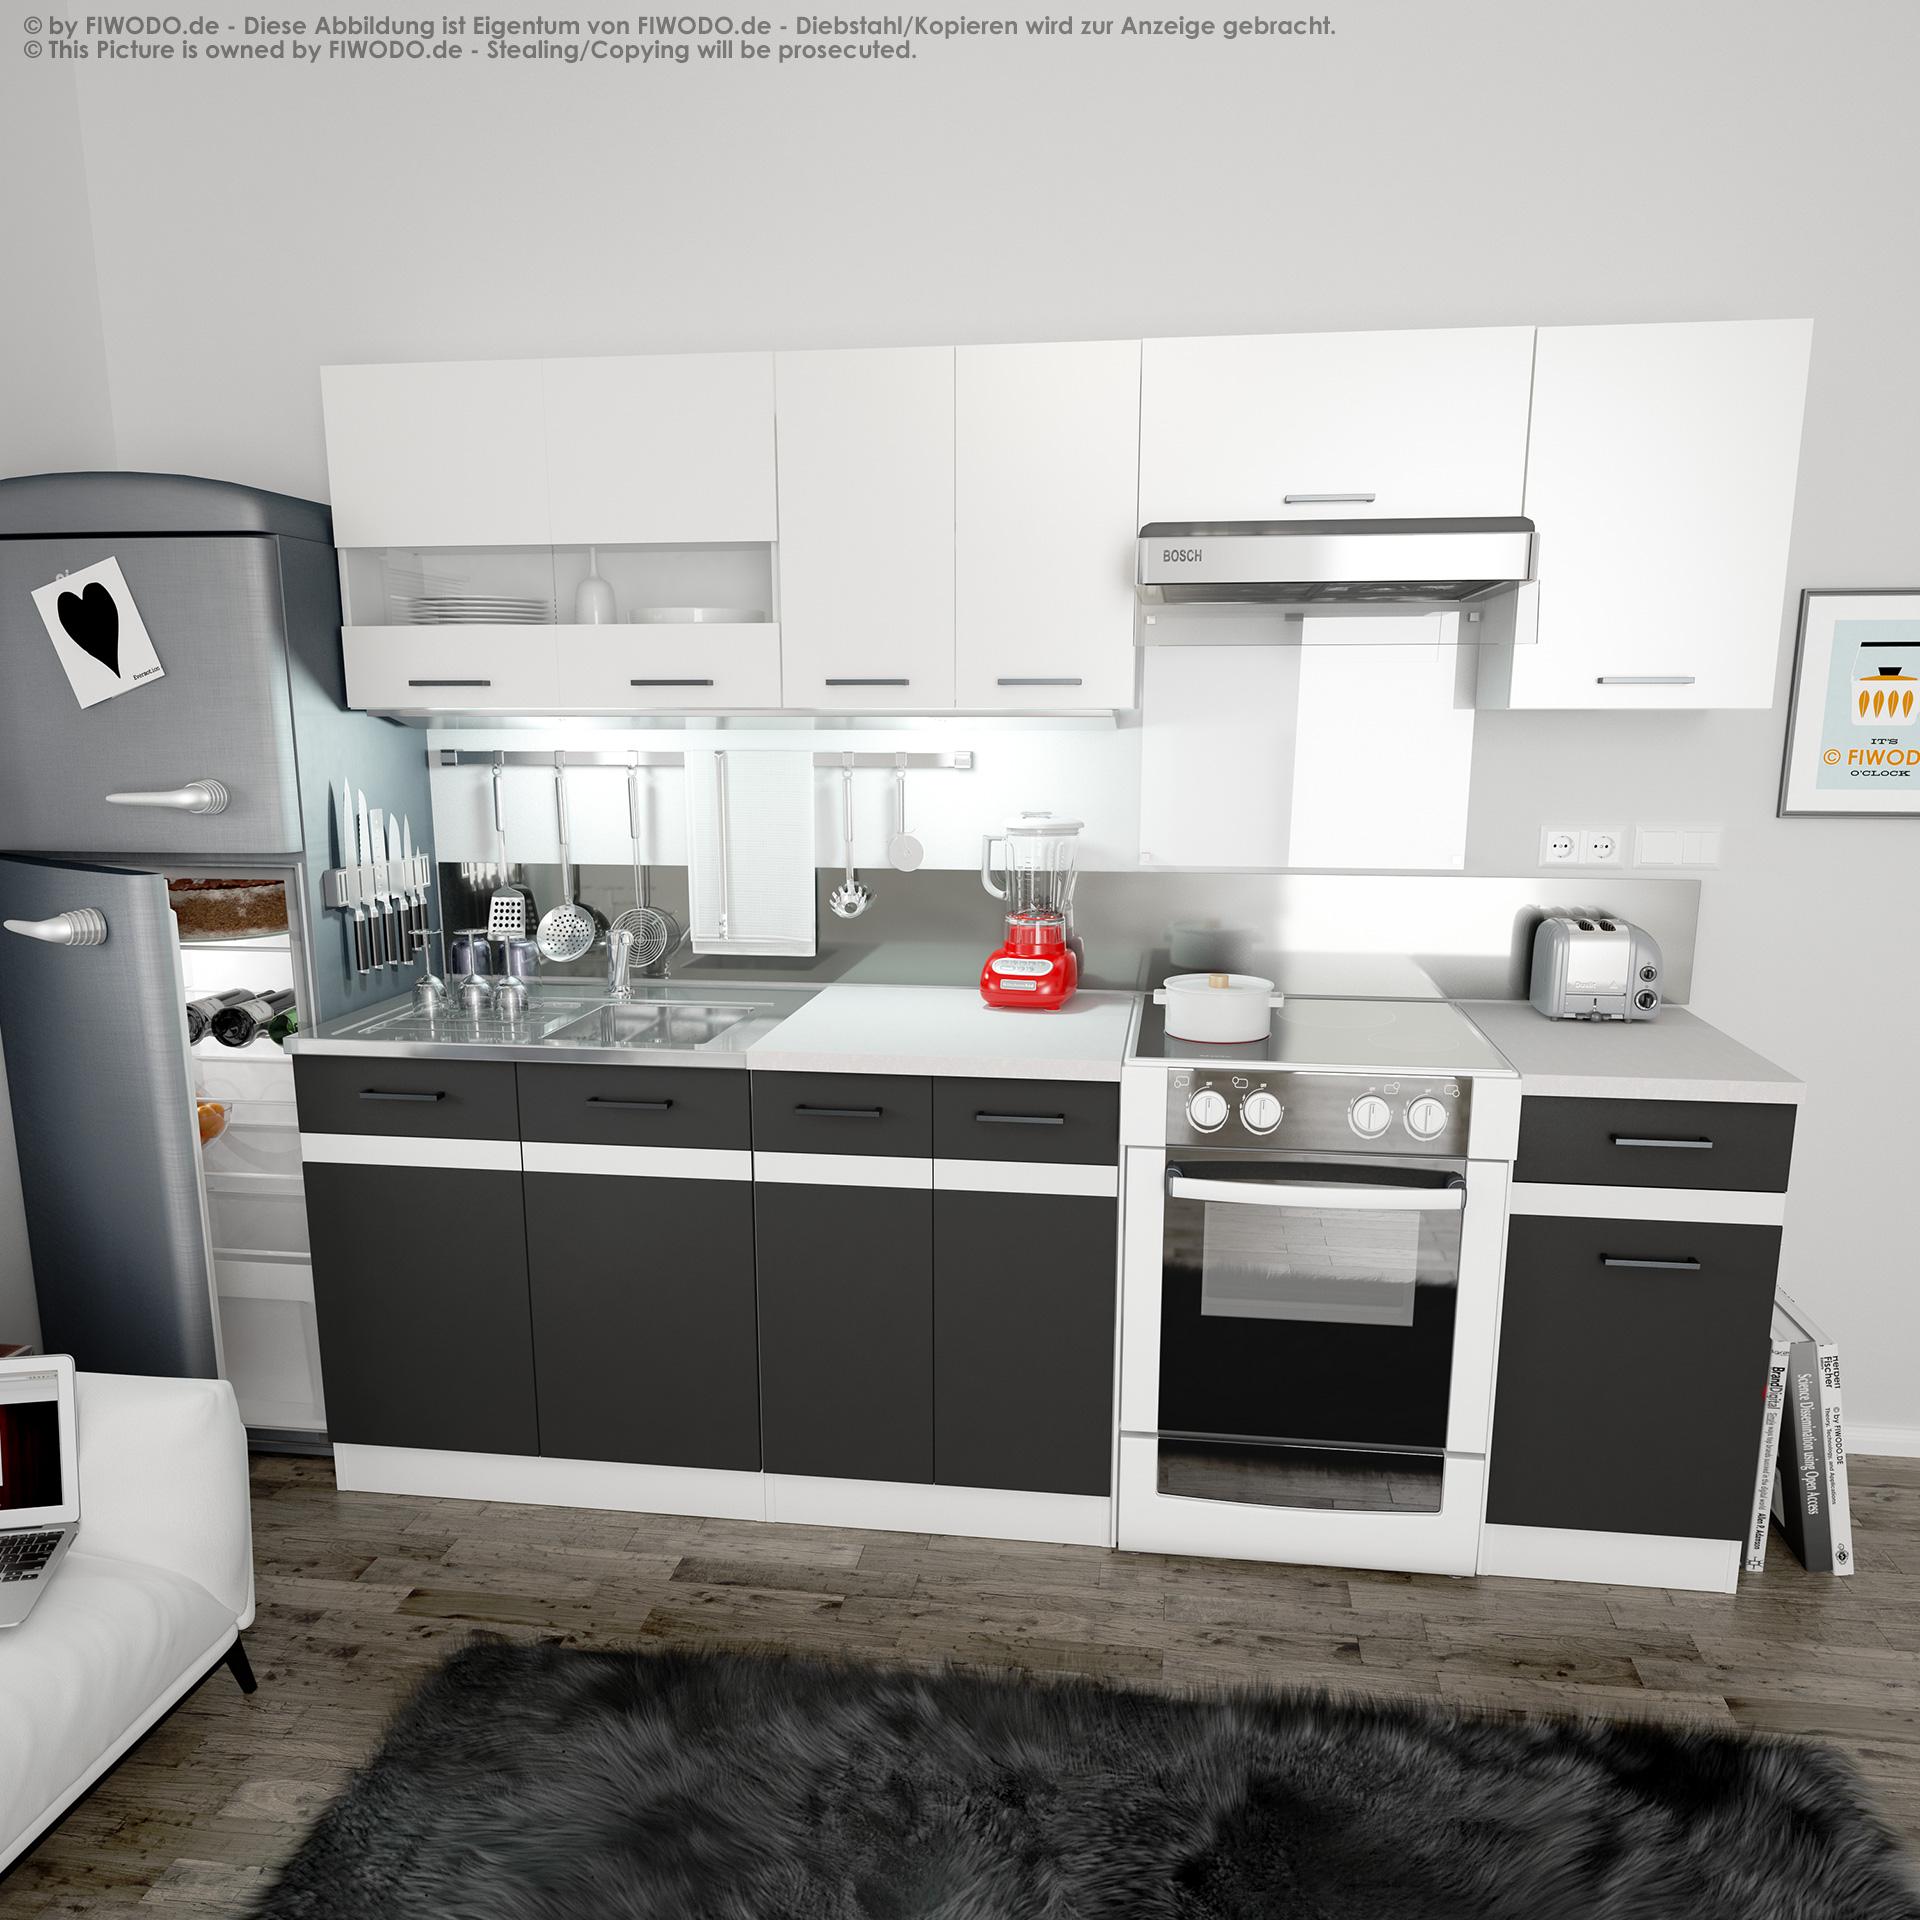 Frontfarben ANTHRAZIT GRAU / WEISS - Küchenkollektion ...